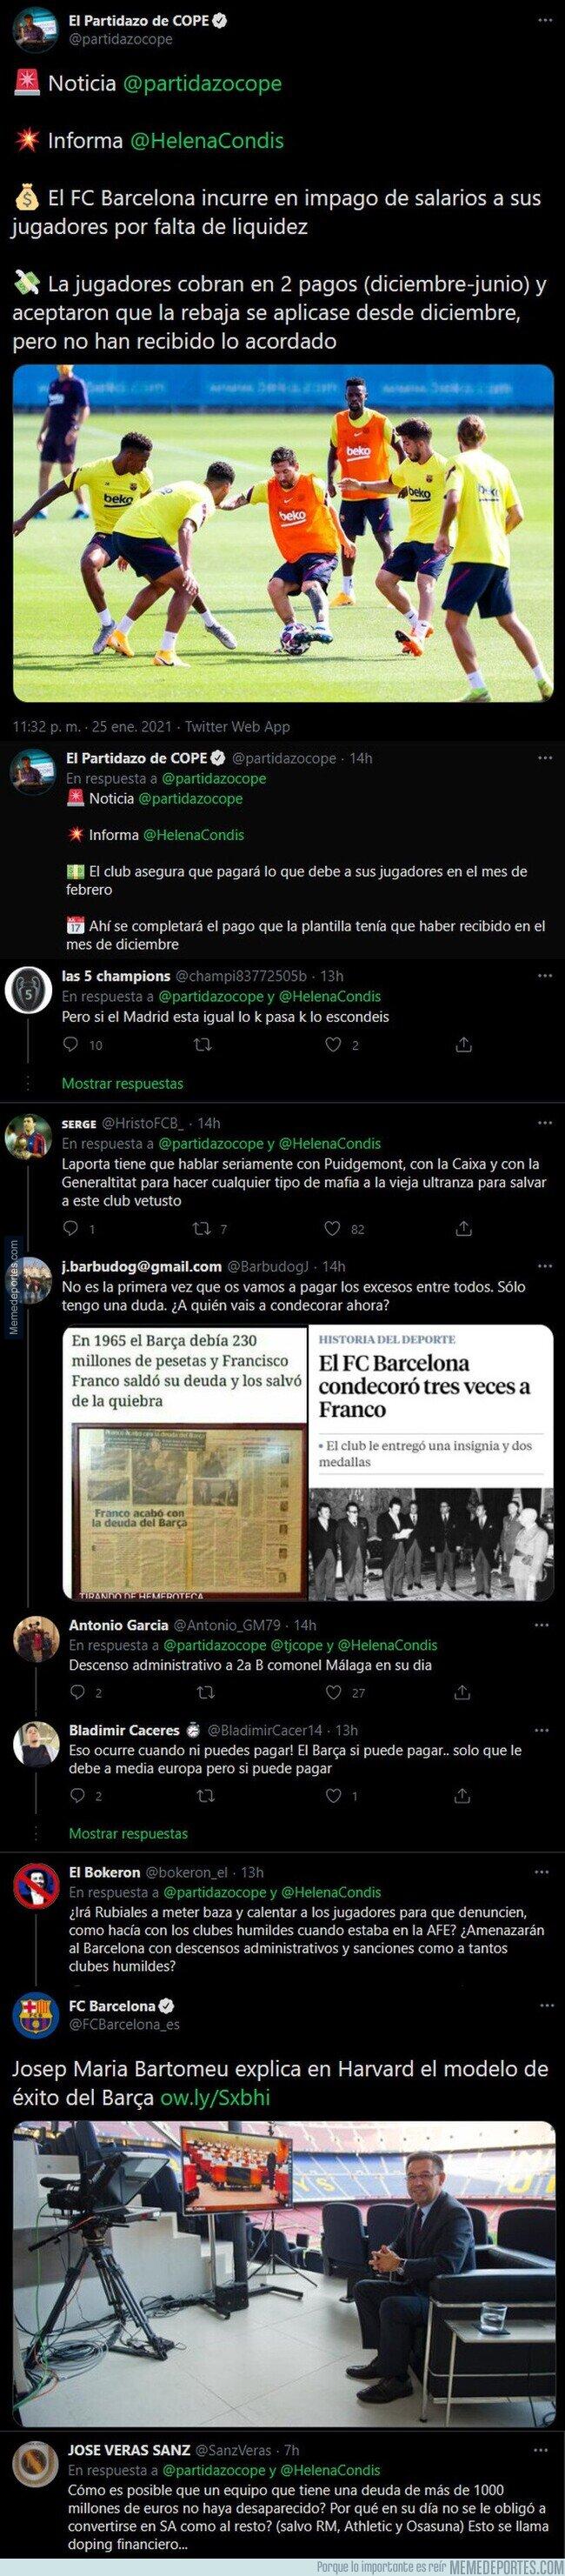 1126391 - La noticia sobre el Barça de la que todo el mundo está hablando y que muchos piden que desaparezca el club